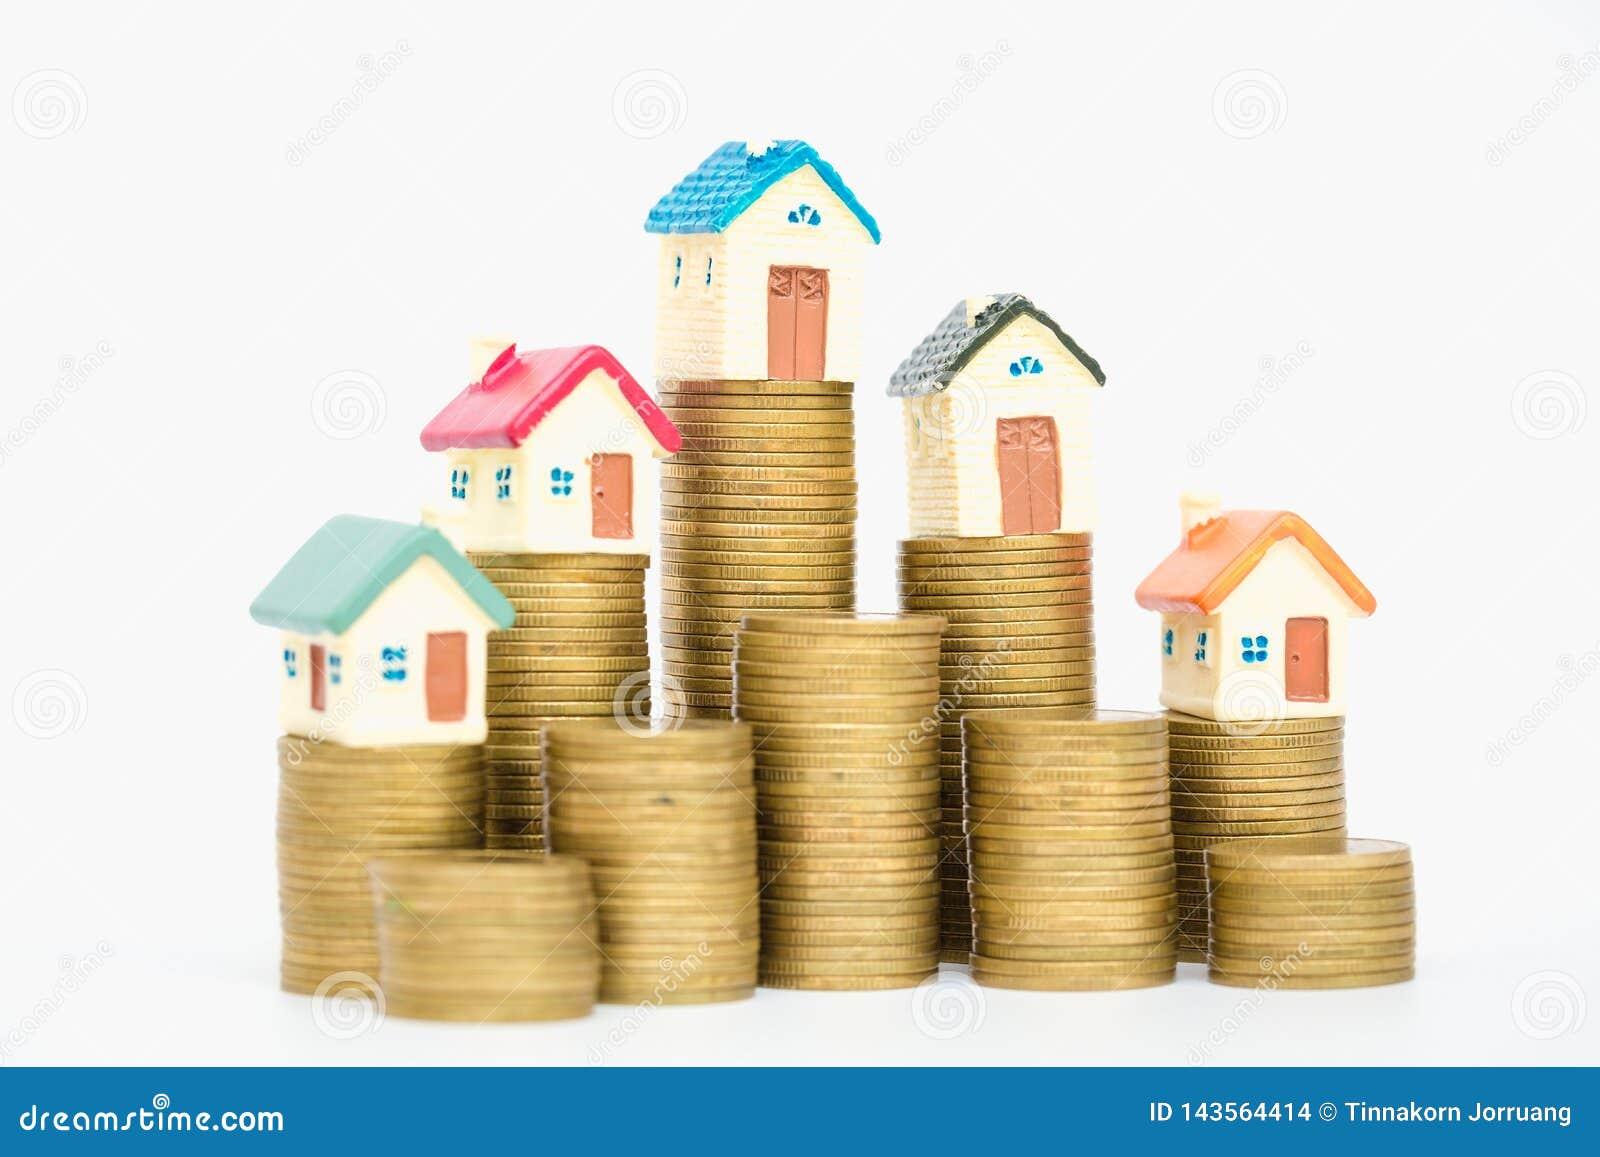 Mini casa na pilha de moedas, isolada no fundo branco, conceito da propriedade do investimento